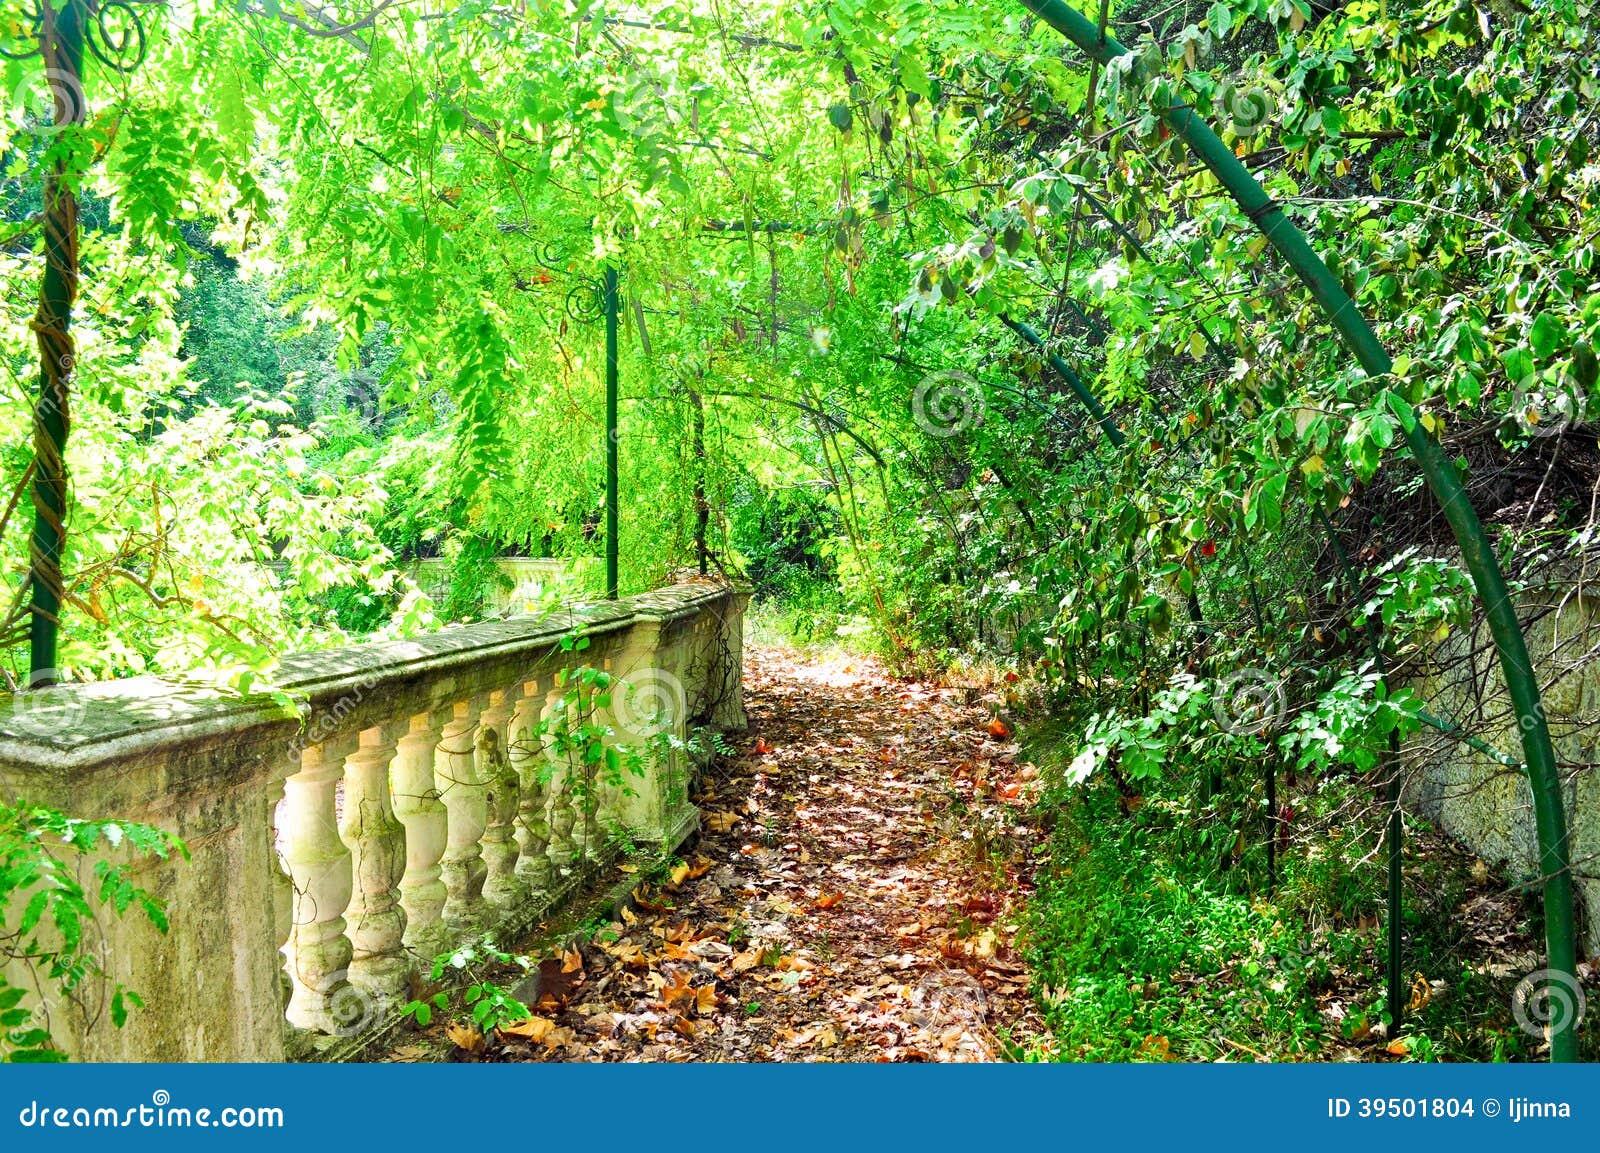 Beautiful green park